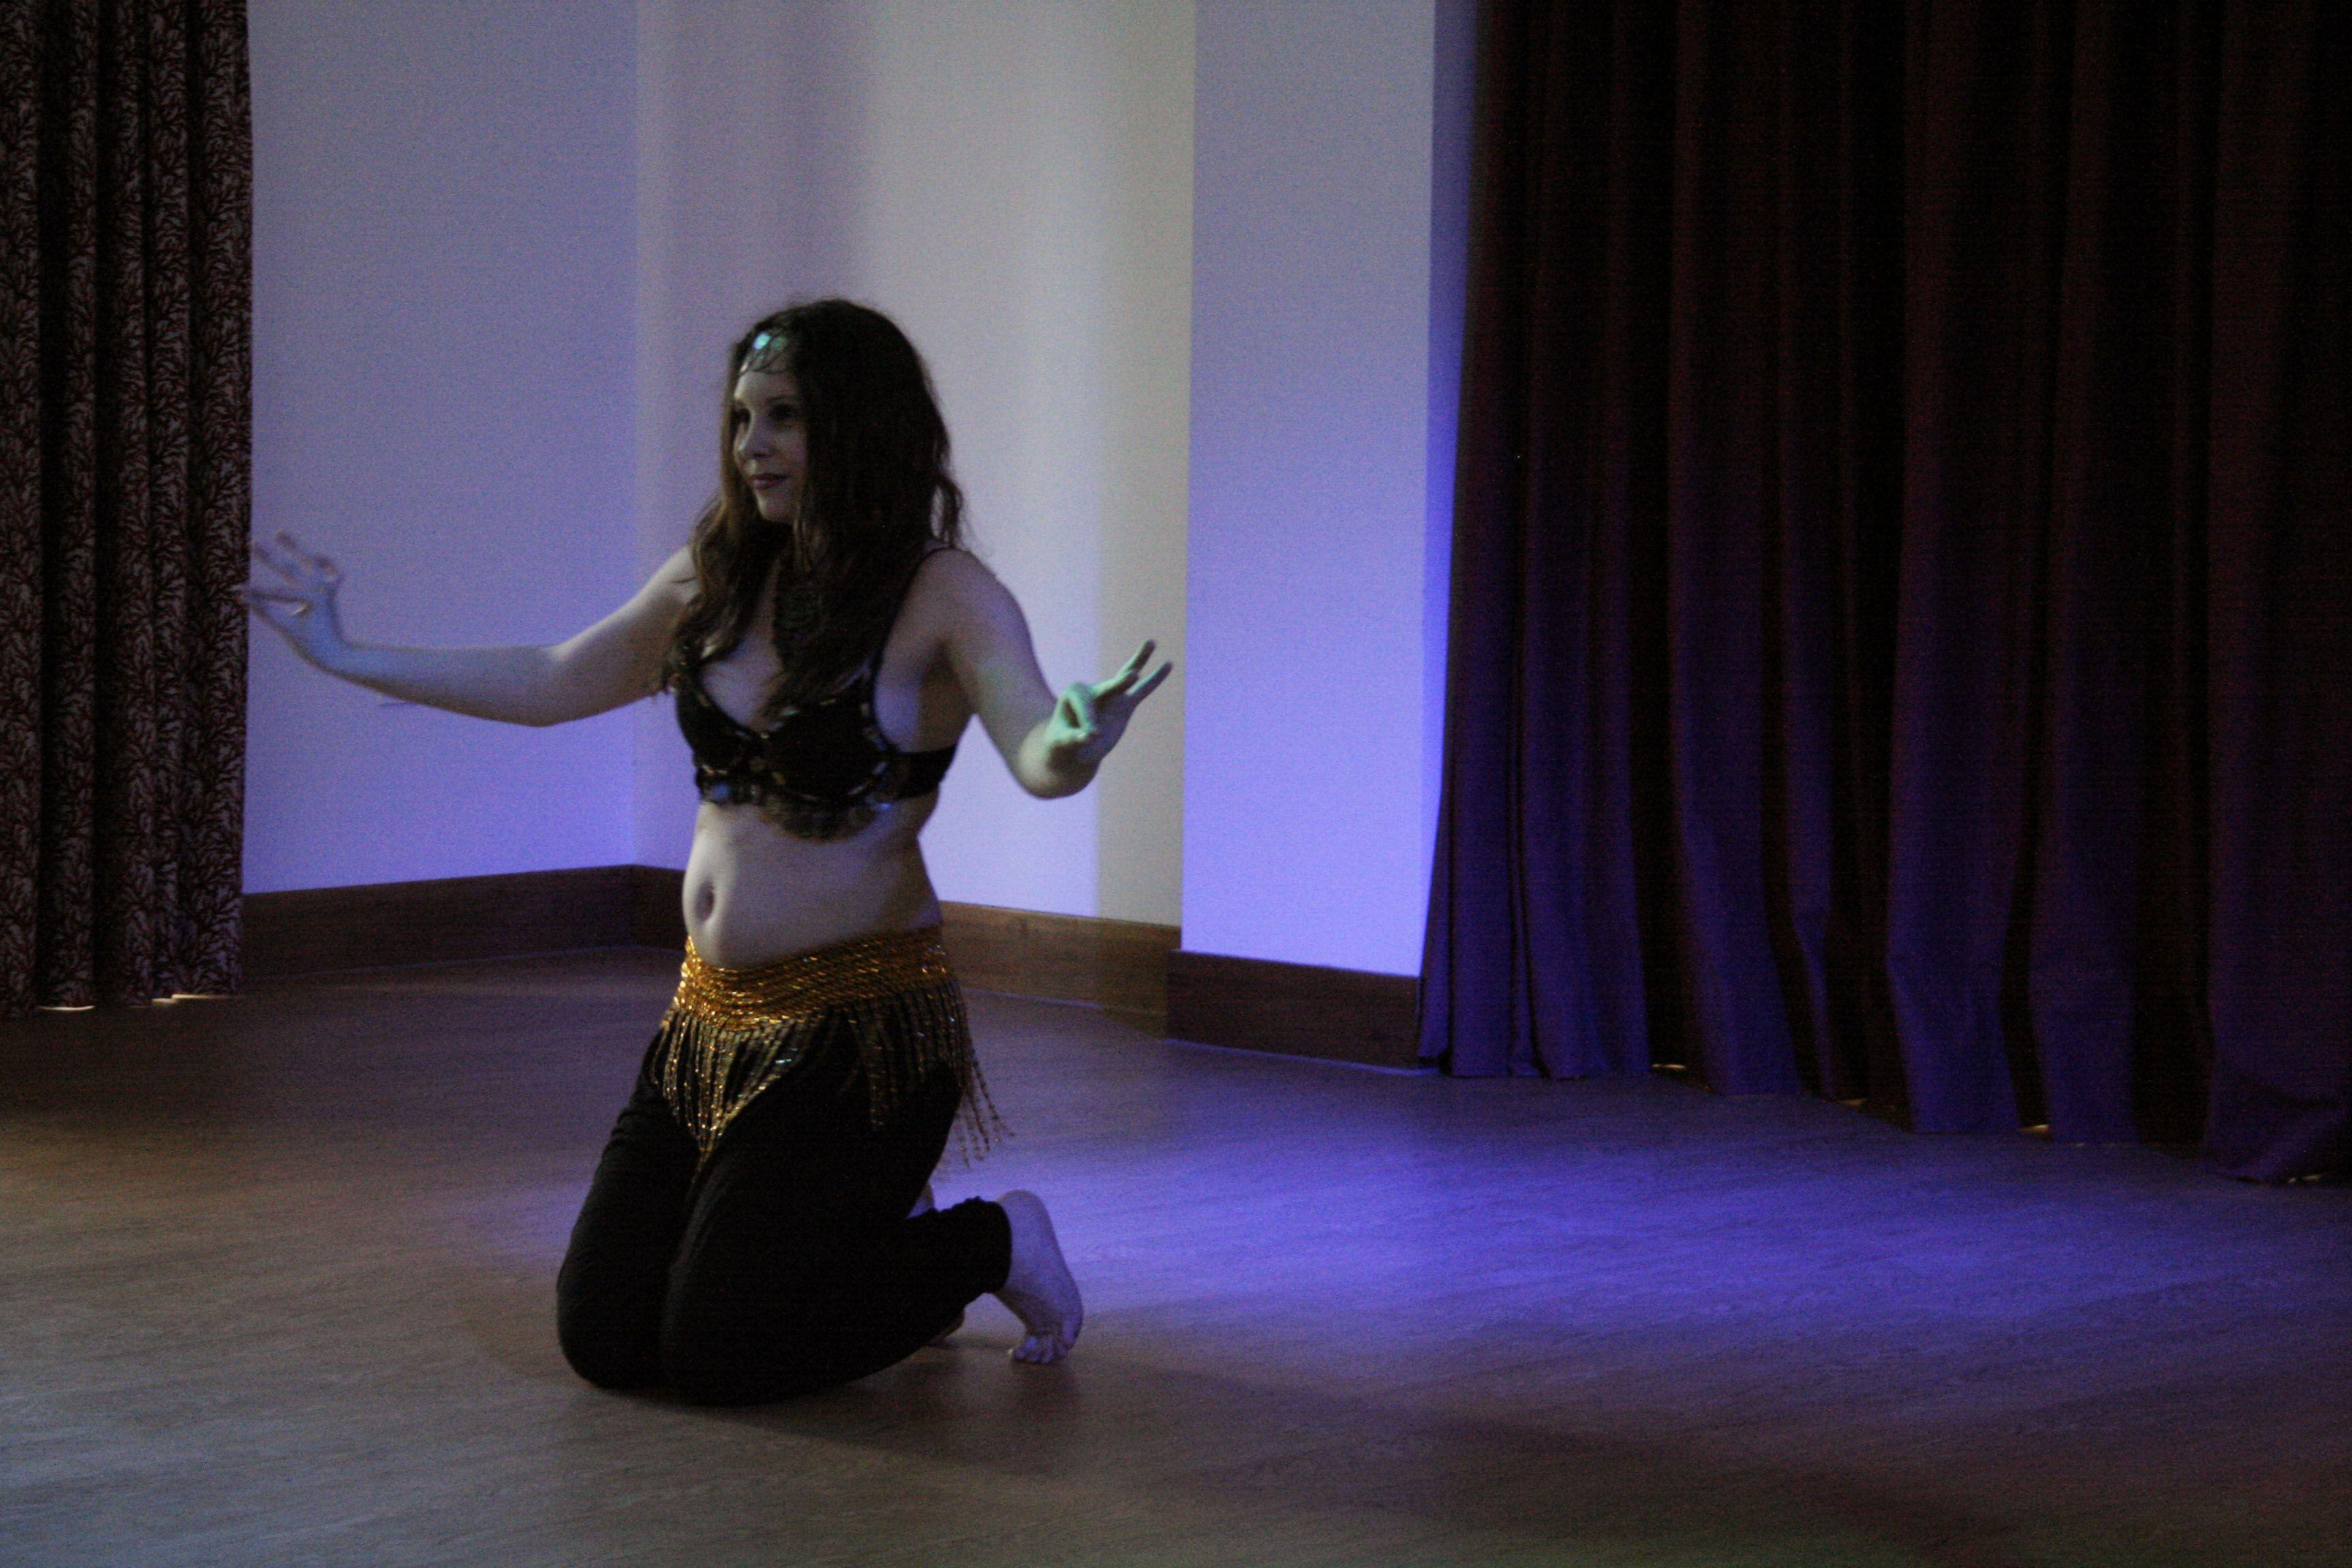 Joanne performing American Cabaret Floorwook at Metamorphosis Belly Dance's 'Oriental Nights' Showcase.  May 14th 2016  www.metabellydance.co.uk